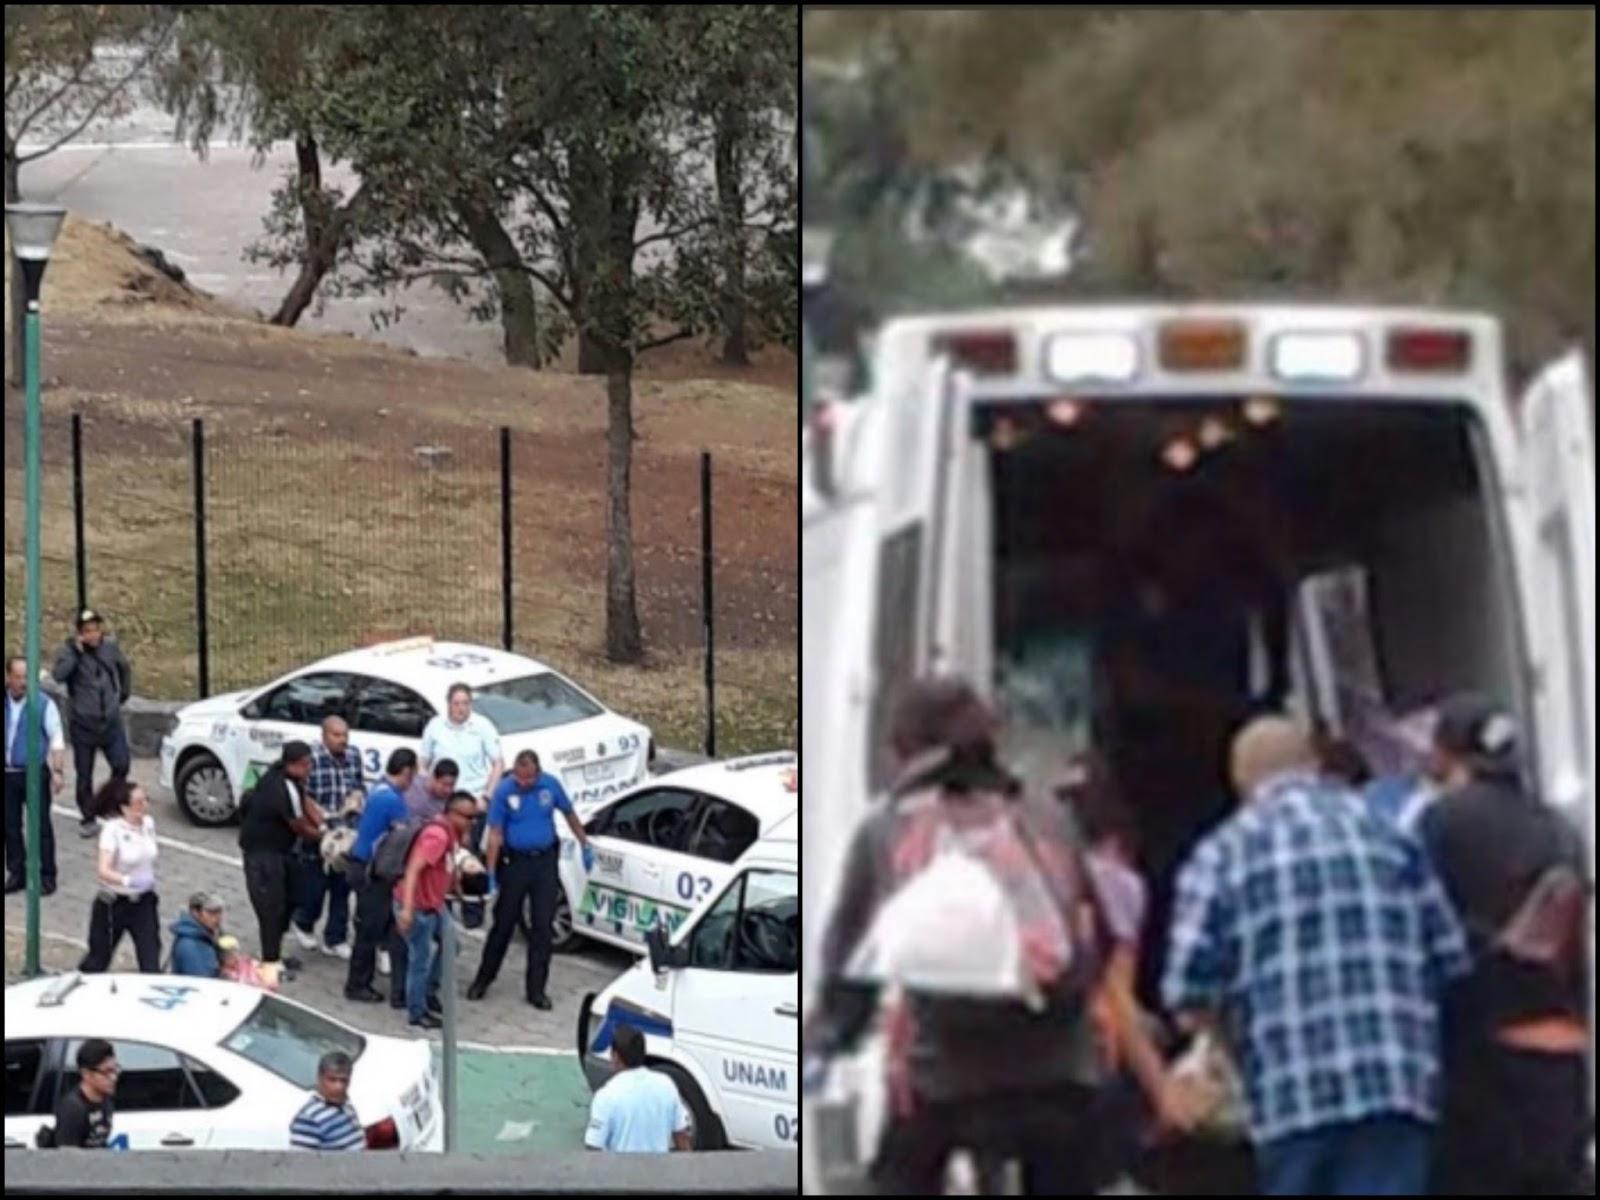 Balacera entre gatilleros en la UNAM deja dos narcos ejecutados